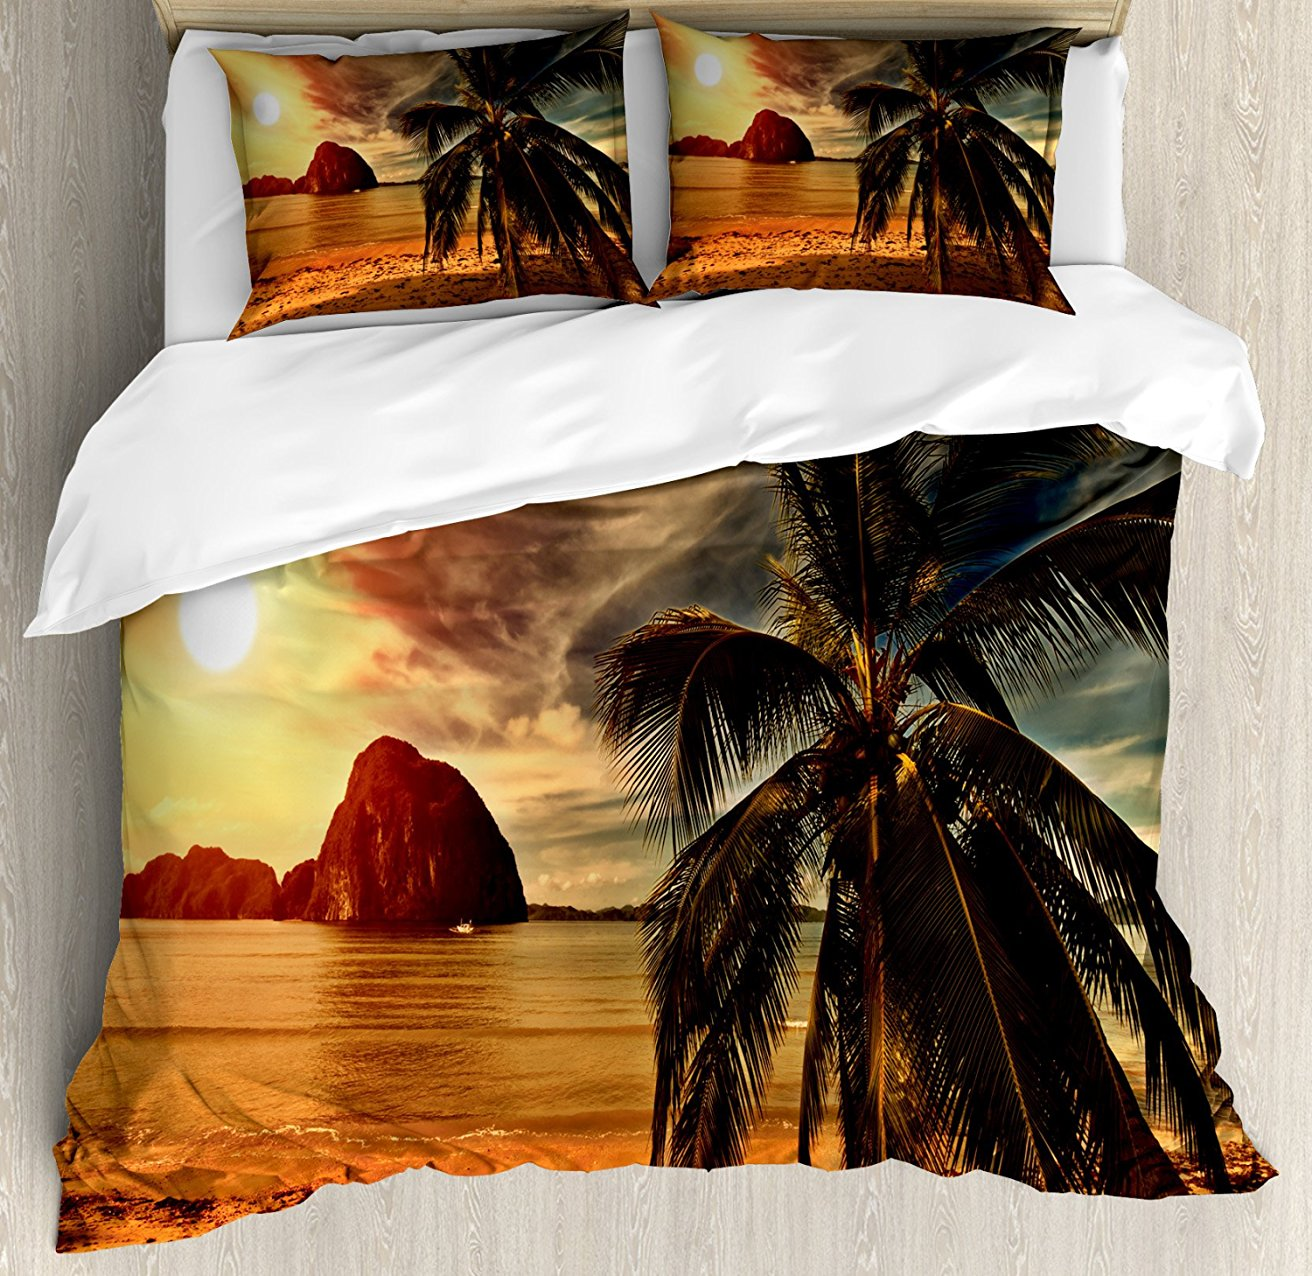 Tropical Housse de couette, exotique Plage avec Cocotier Arbre et Horizon Coucher Du Soleil Calme Panorama, 4 Pièce Ensemble de Literie